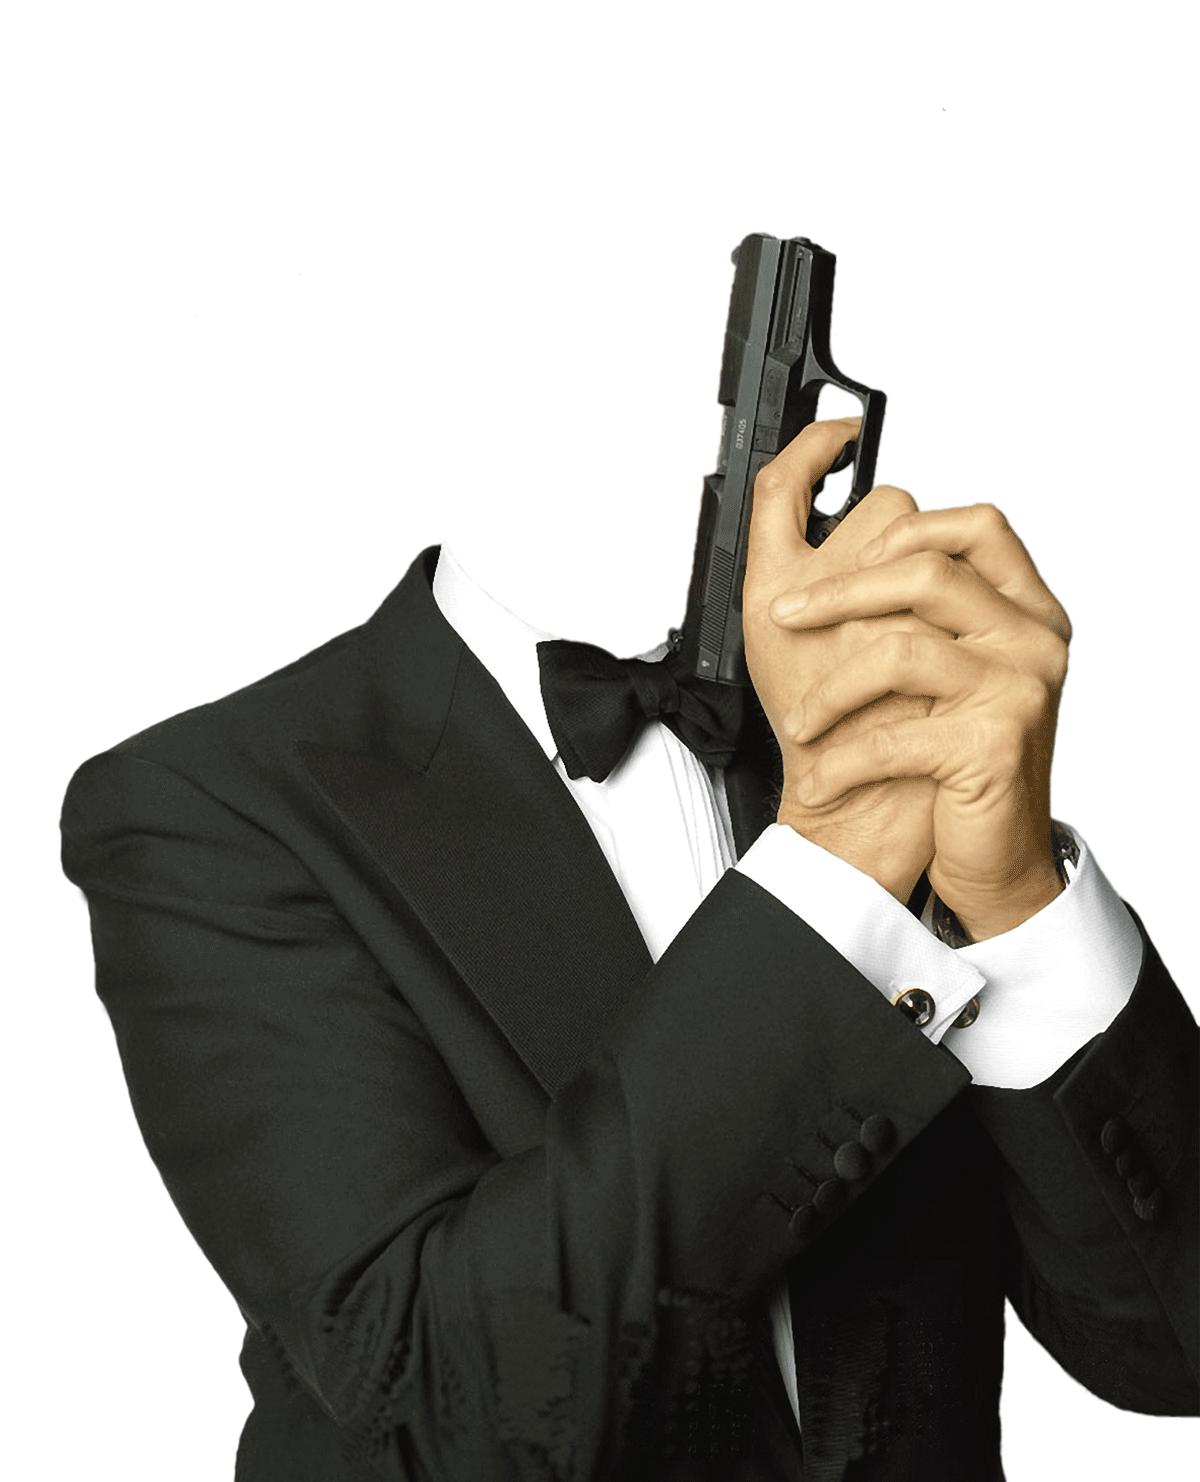 прикольные картинки 007 можем знать